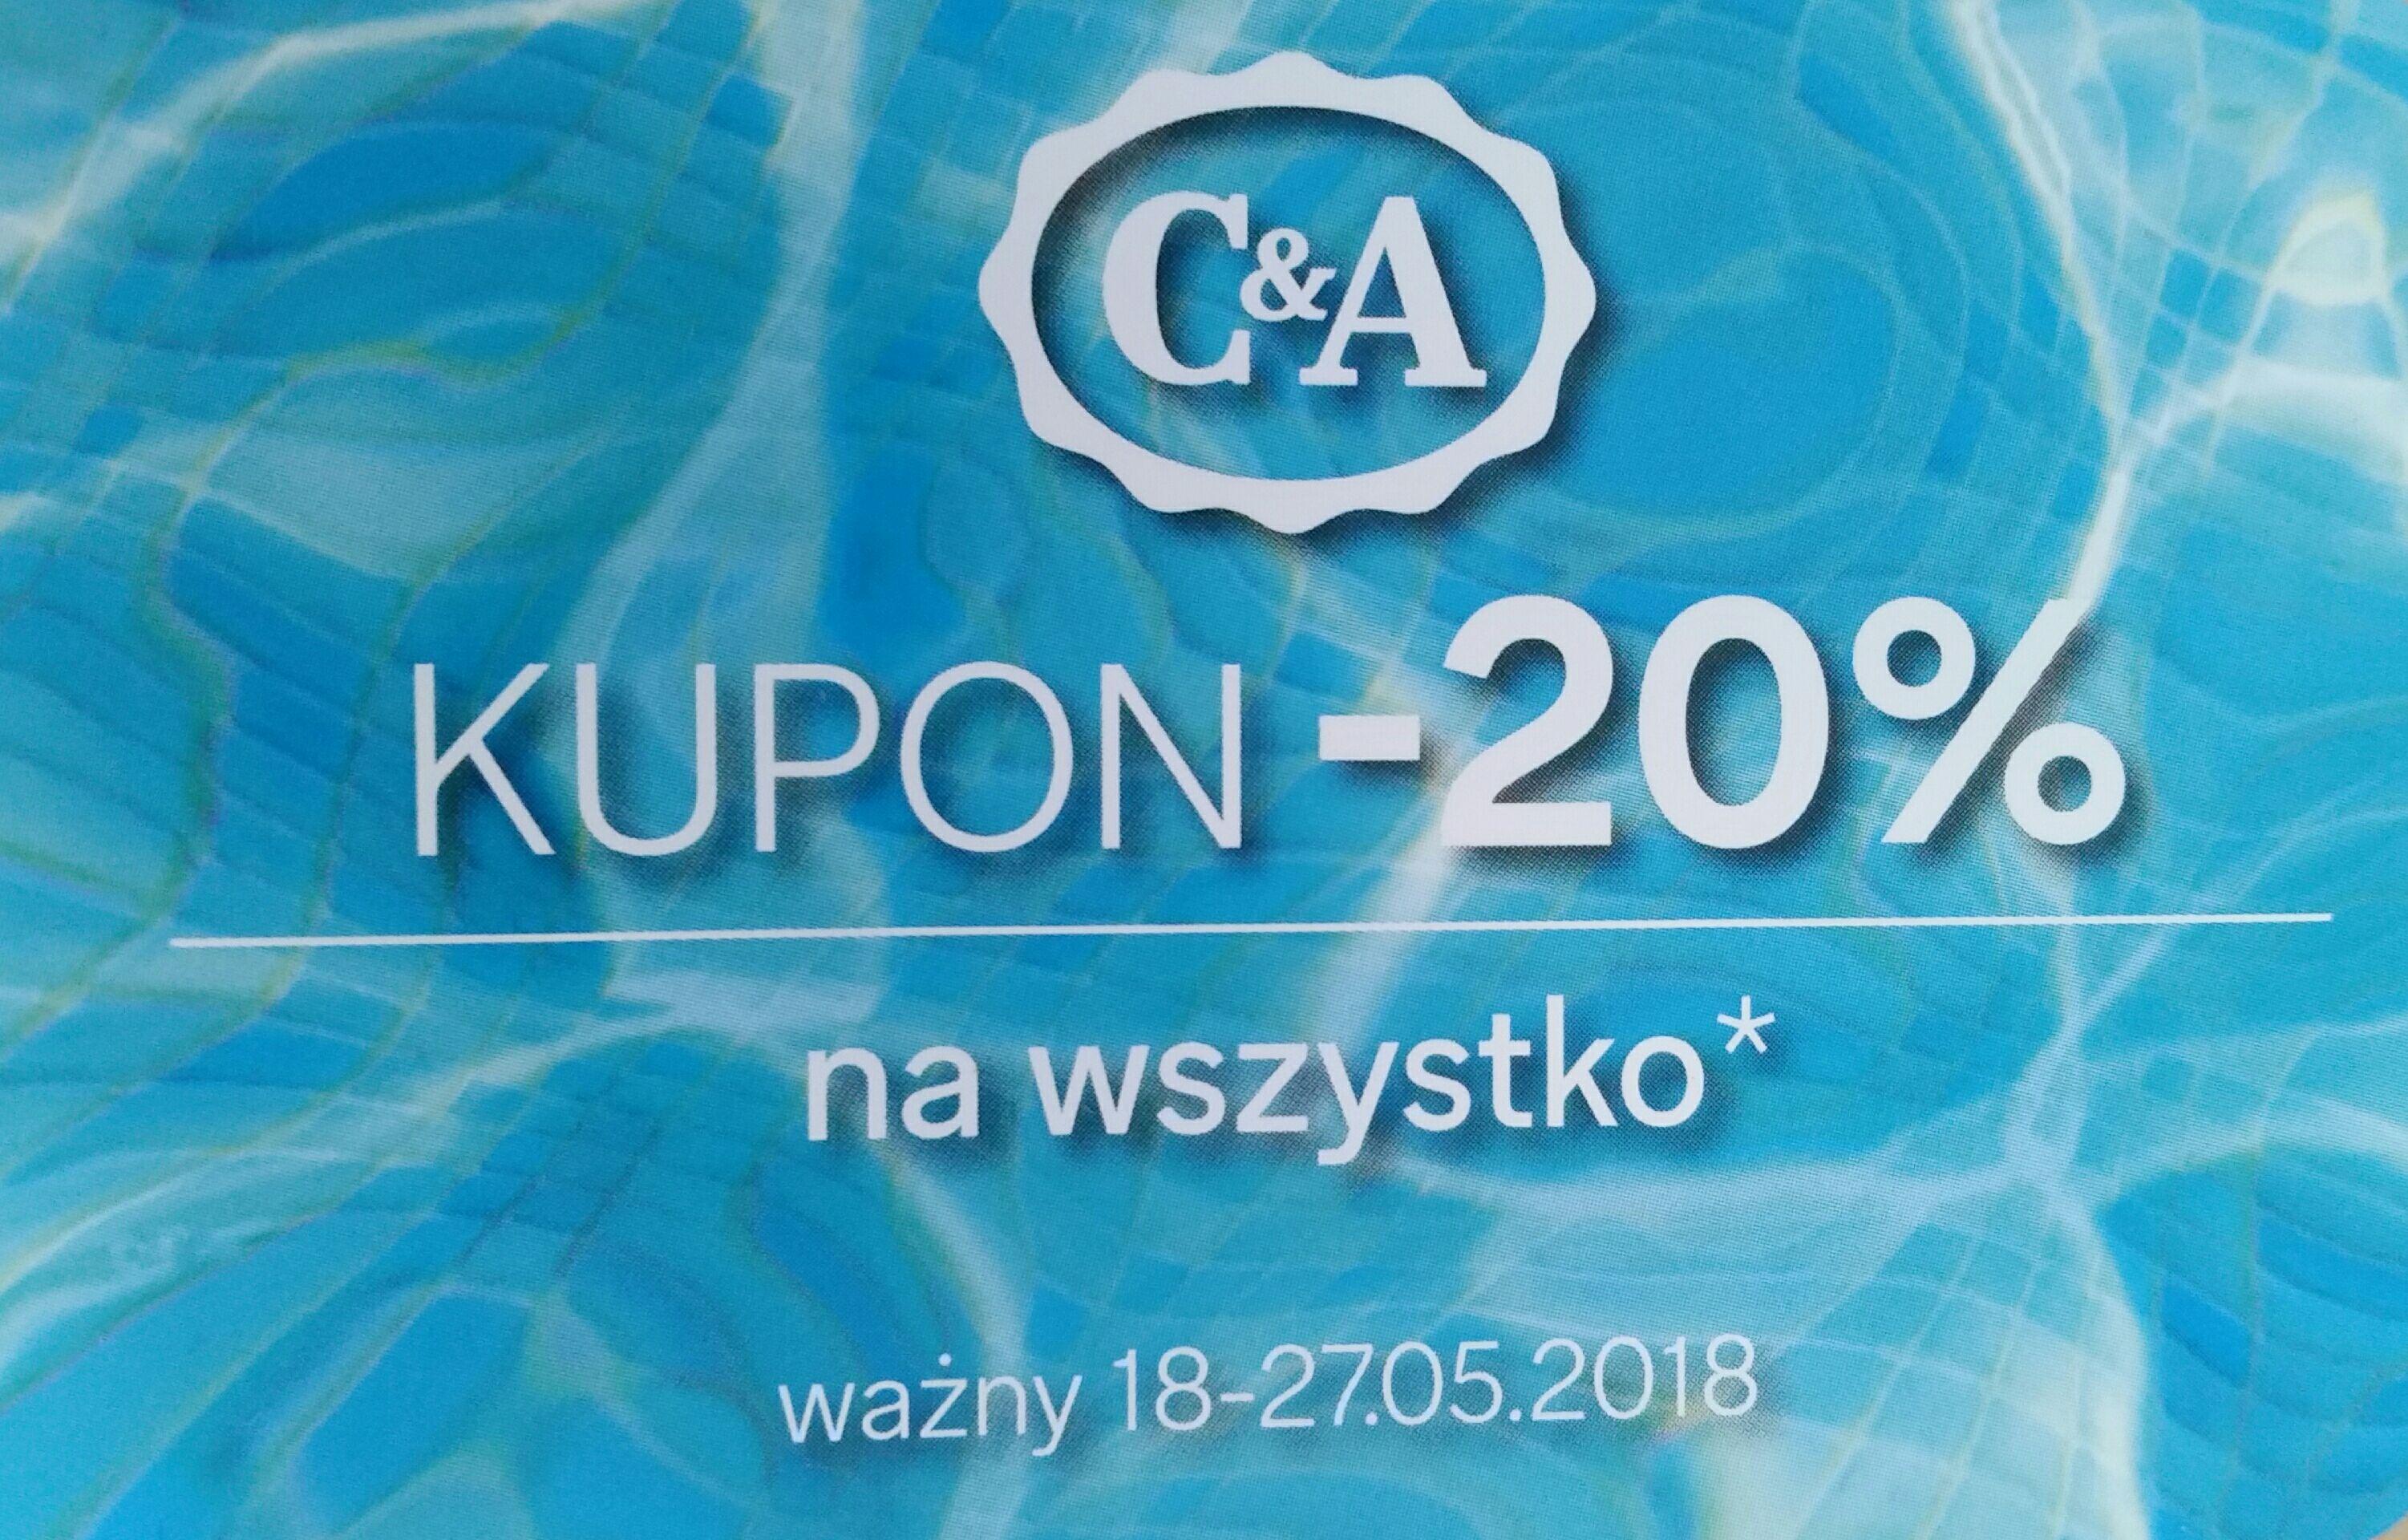 Kod rabatowy -20% C&A online i stacjonarnie